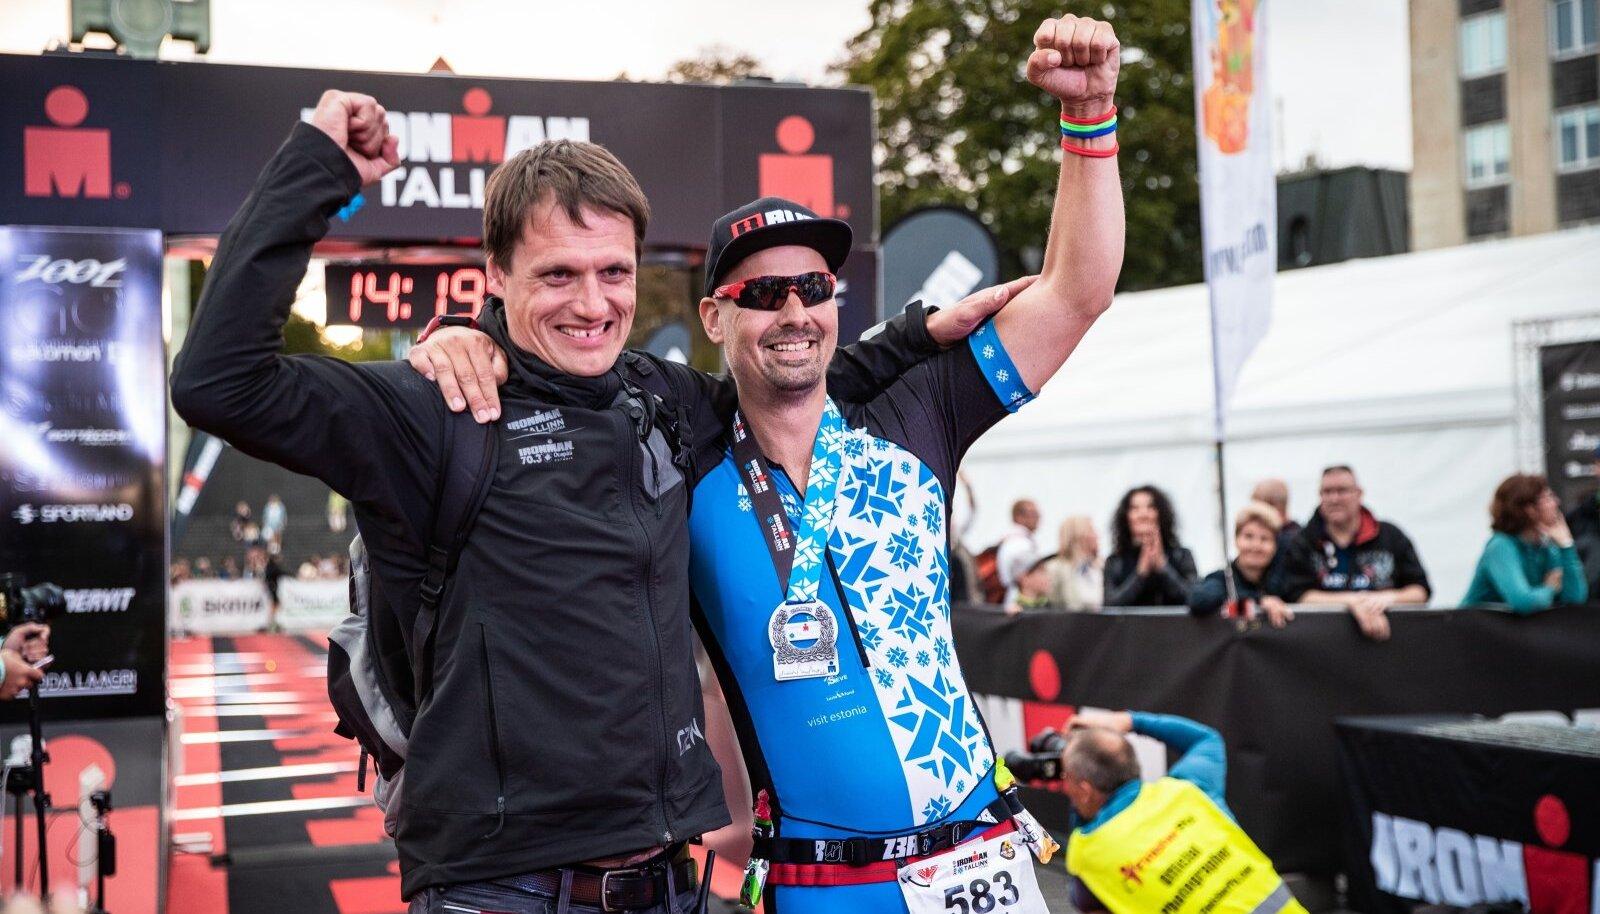 Ain-Alar Juhanson ja Kalev Kruus 2019. aasta IRONMAN Tallinn võistluse finišis..